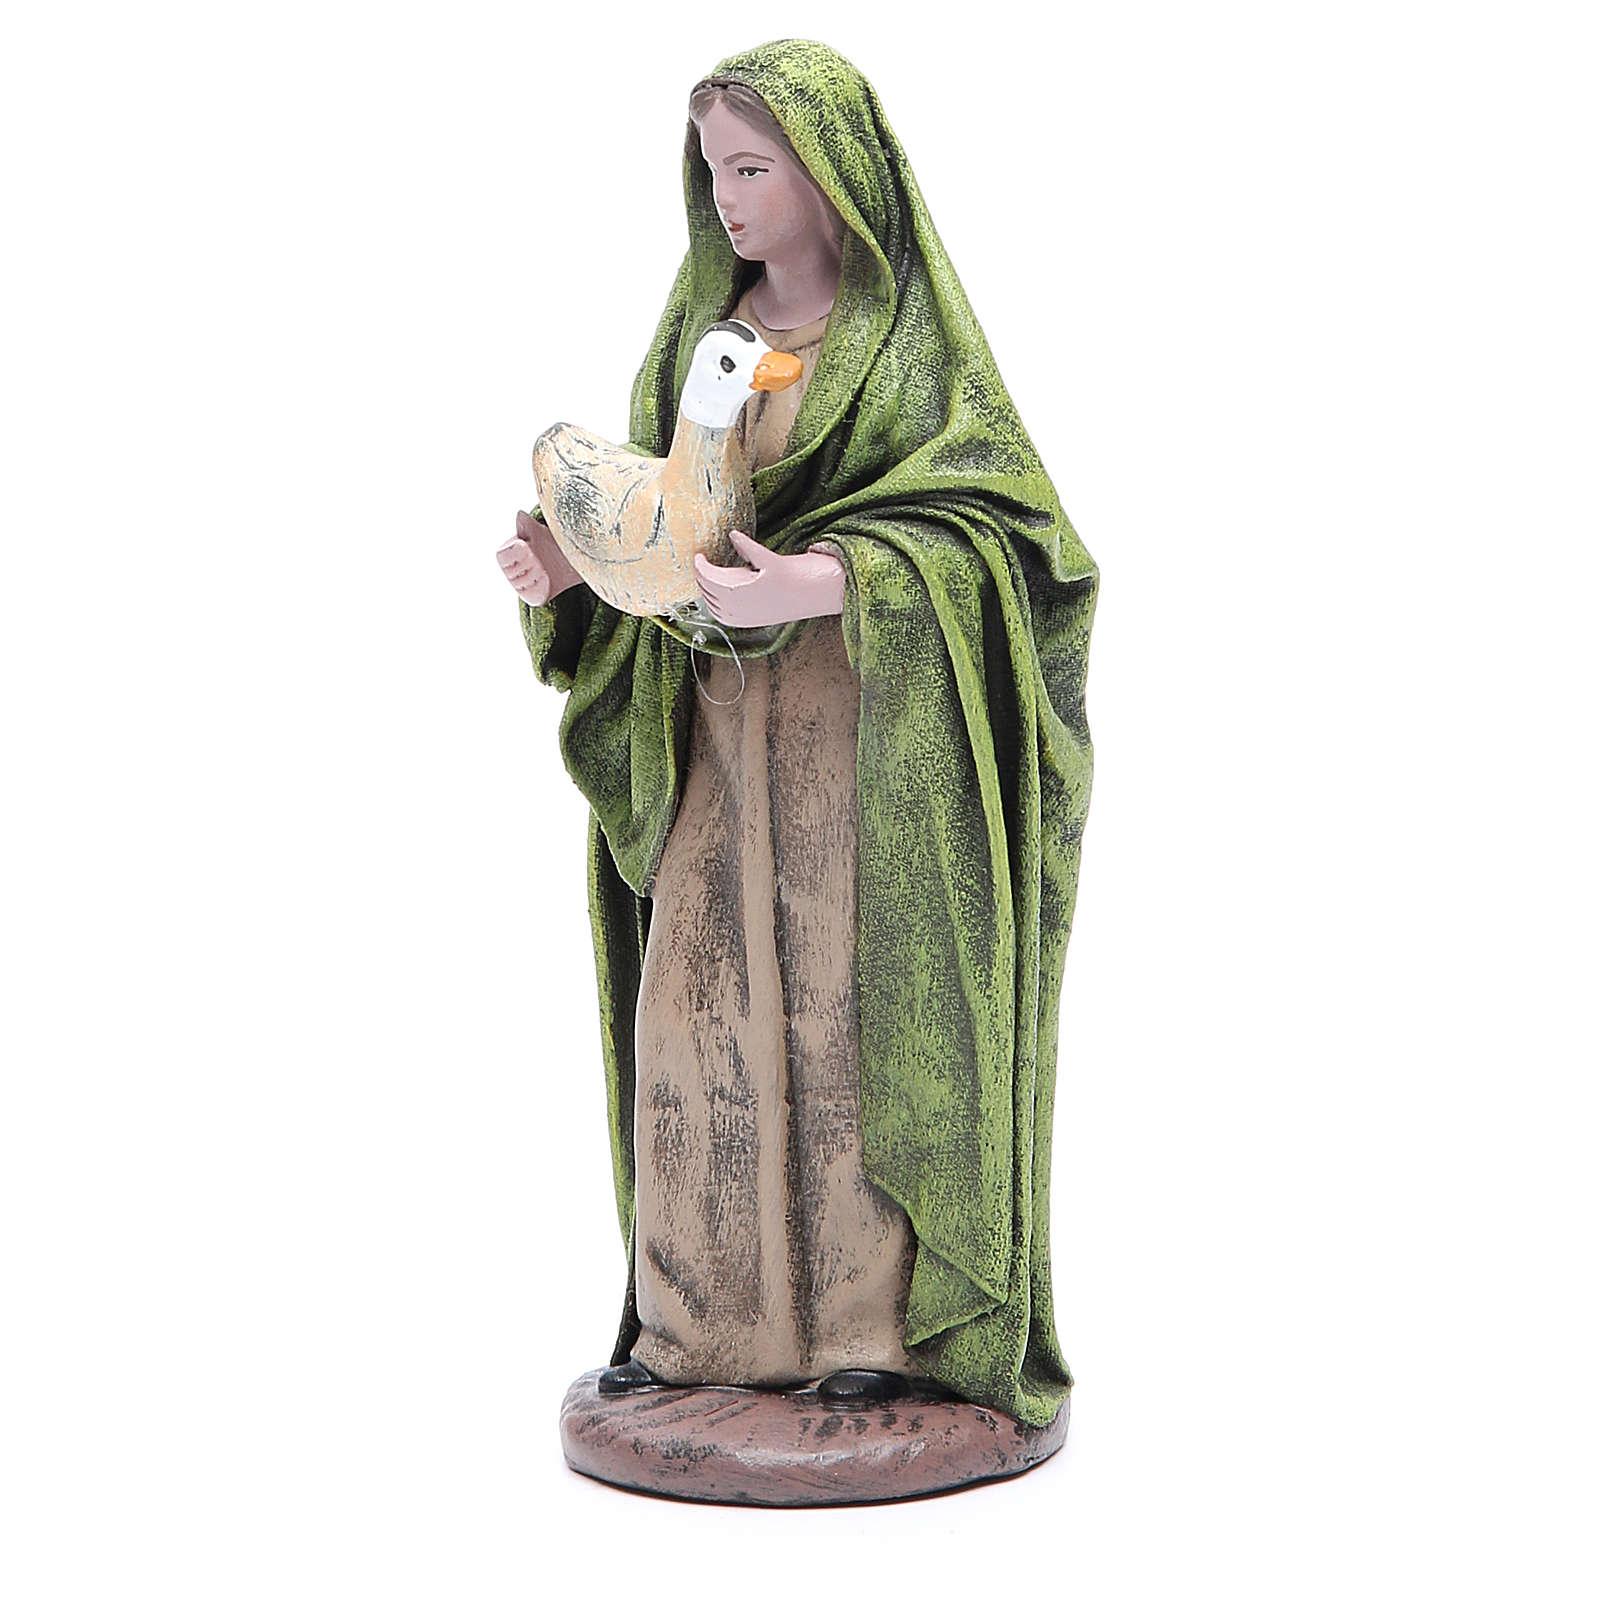 Statua presepe Donna con oca 17 cm terracotta 3